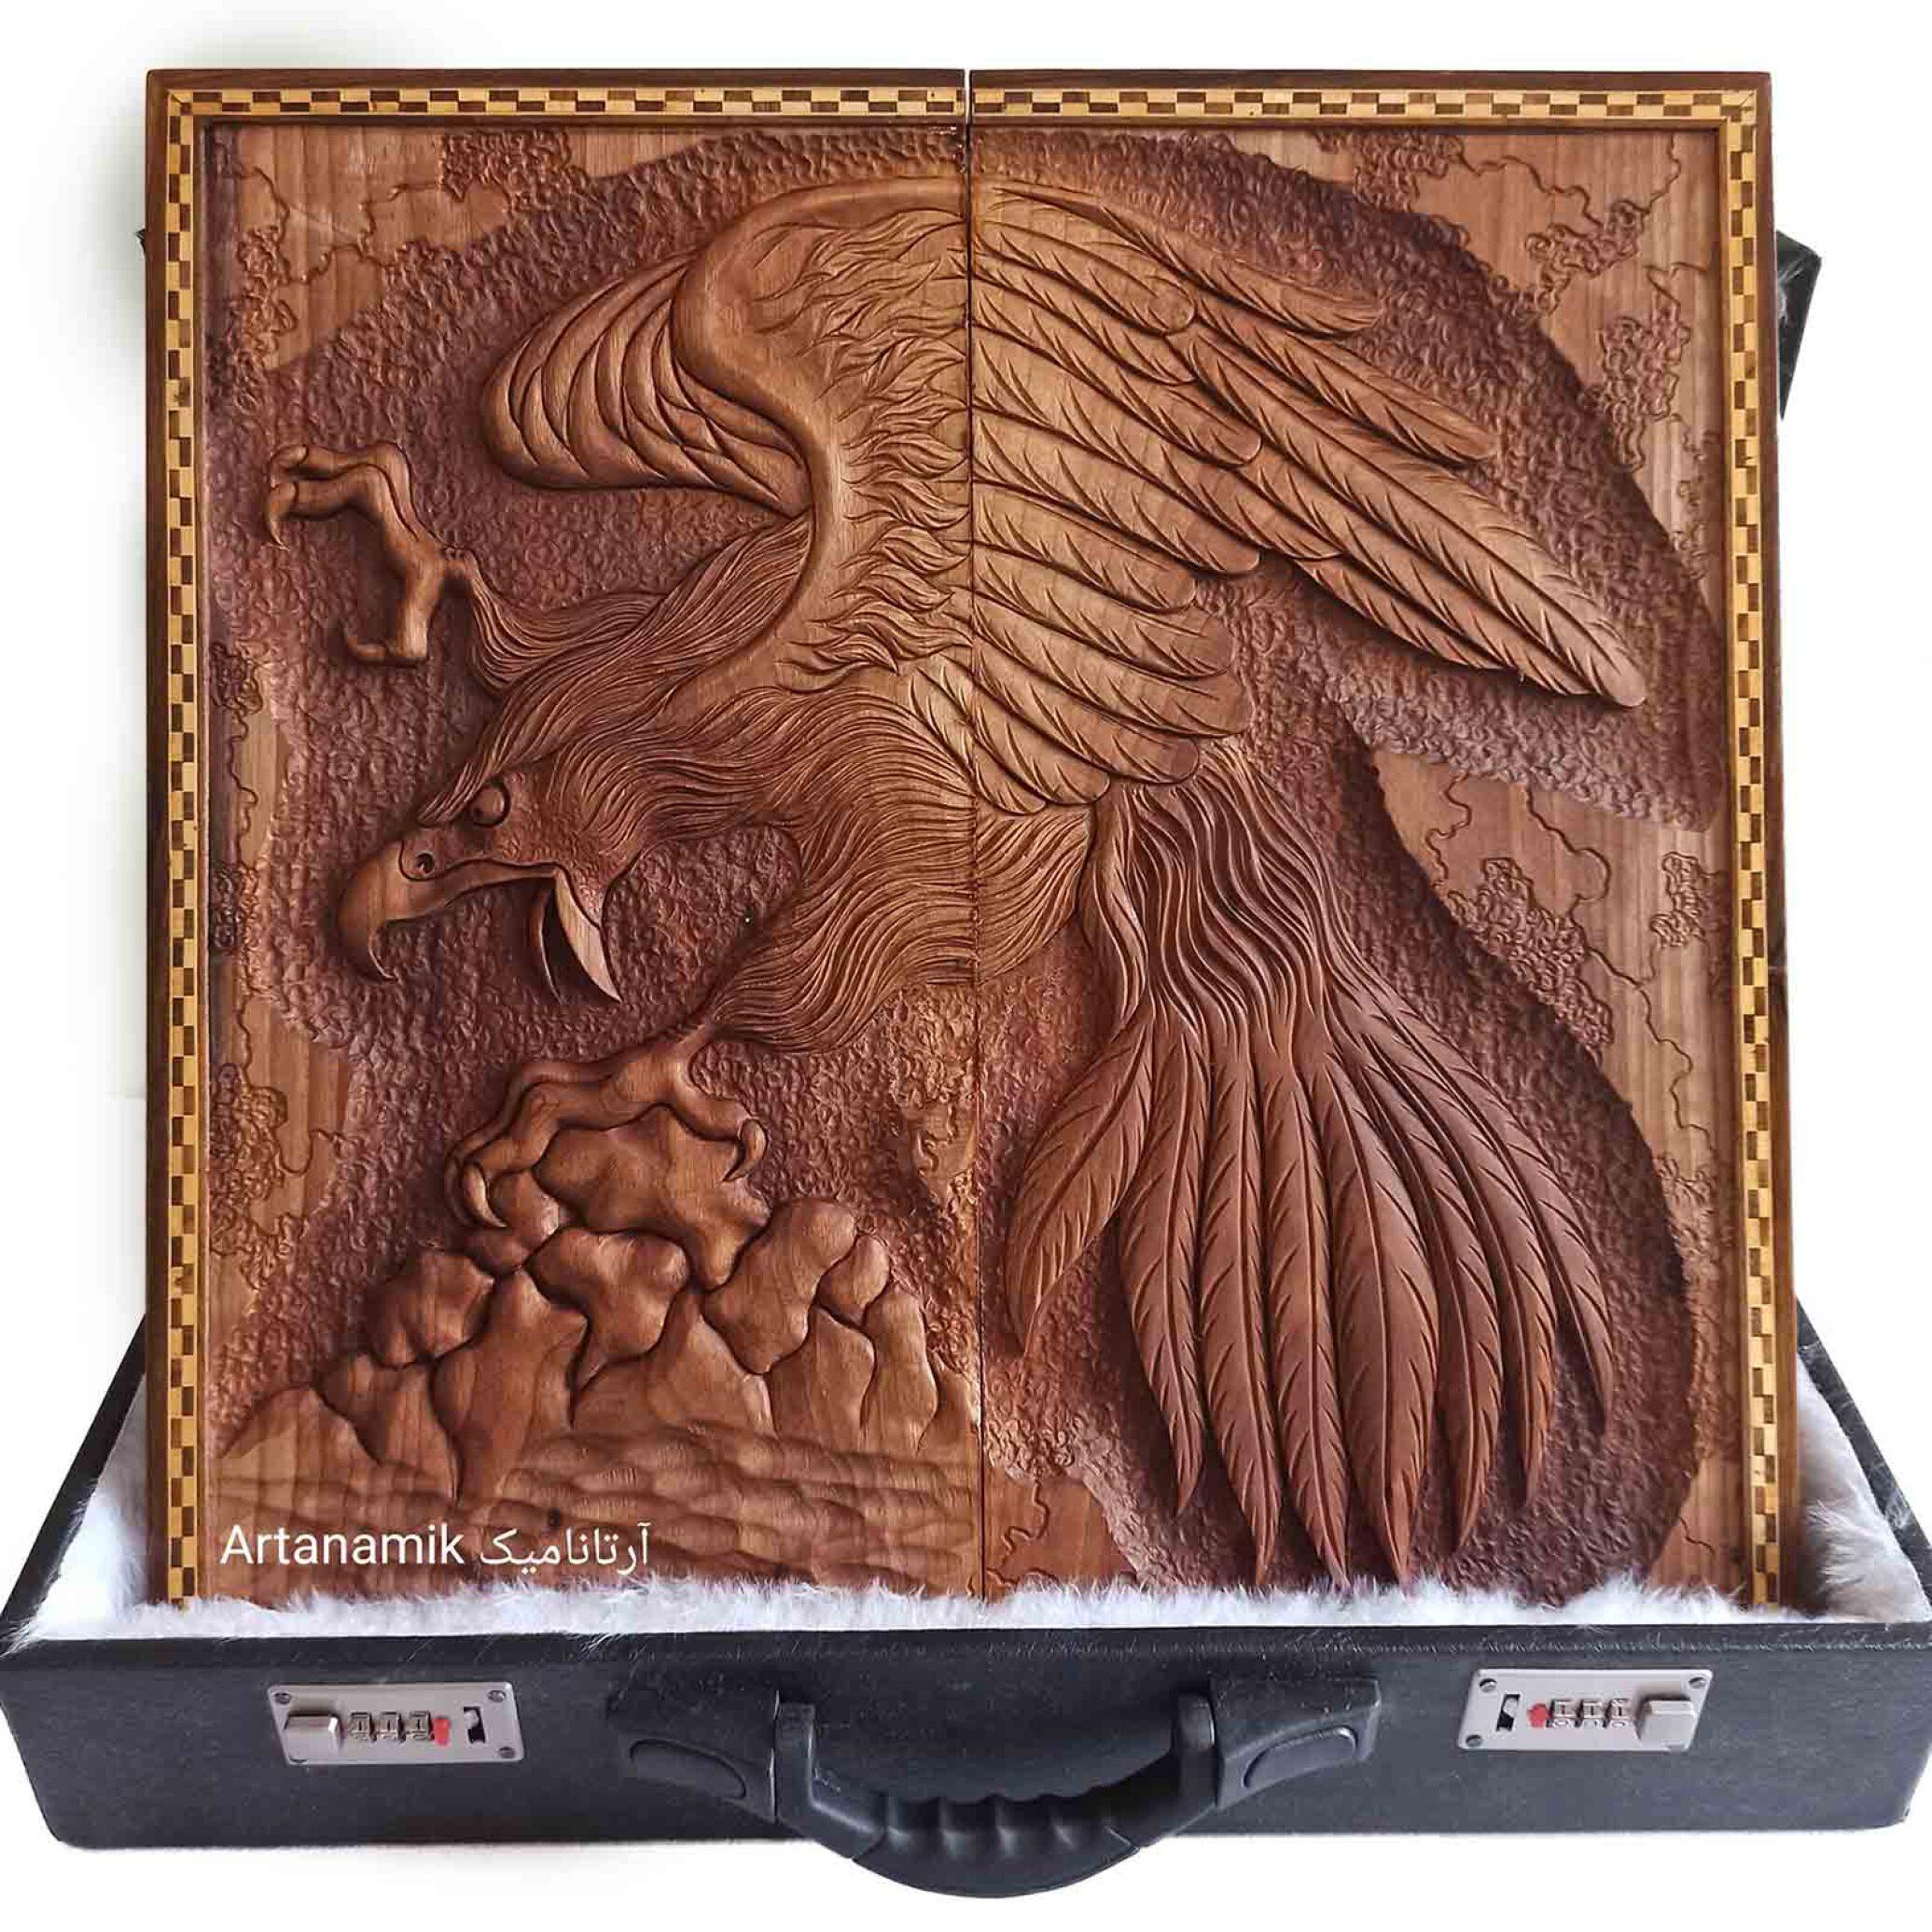 تخته نرد منبت کاری طرح عقاب - شکار، تخته نرد کادویی و تخته نرد نفیس روی چوب گردو